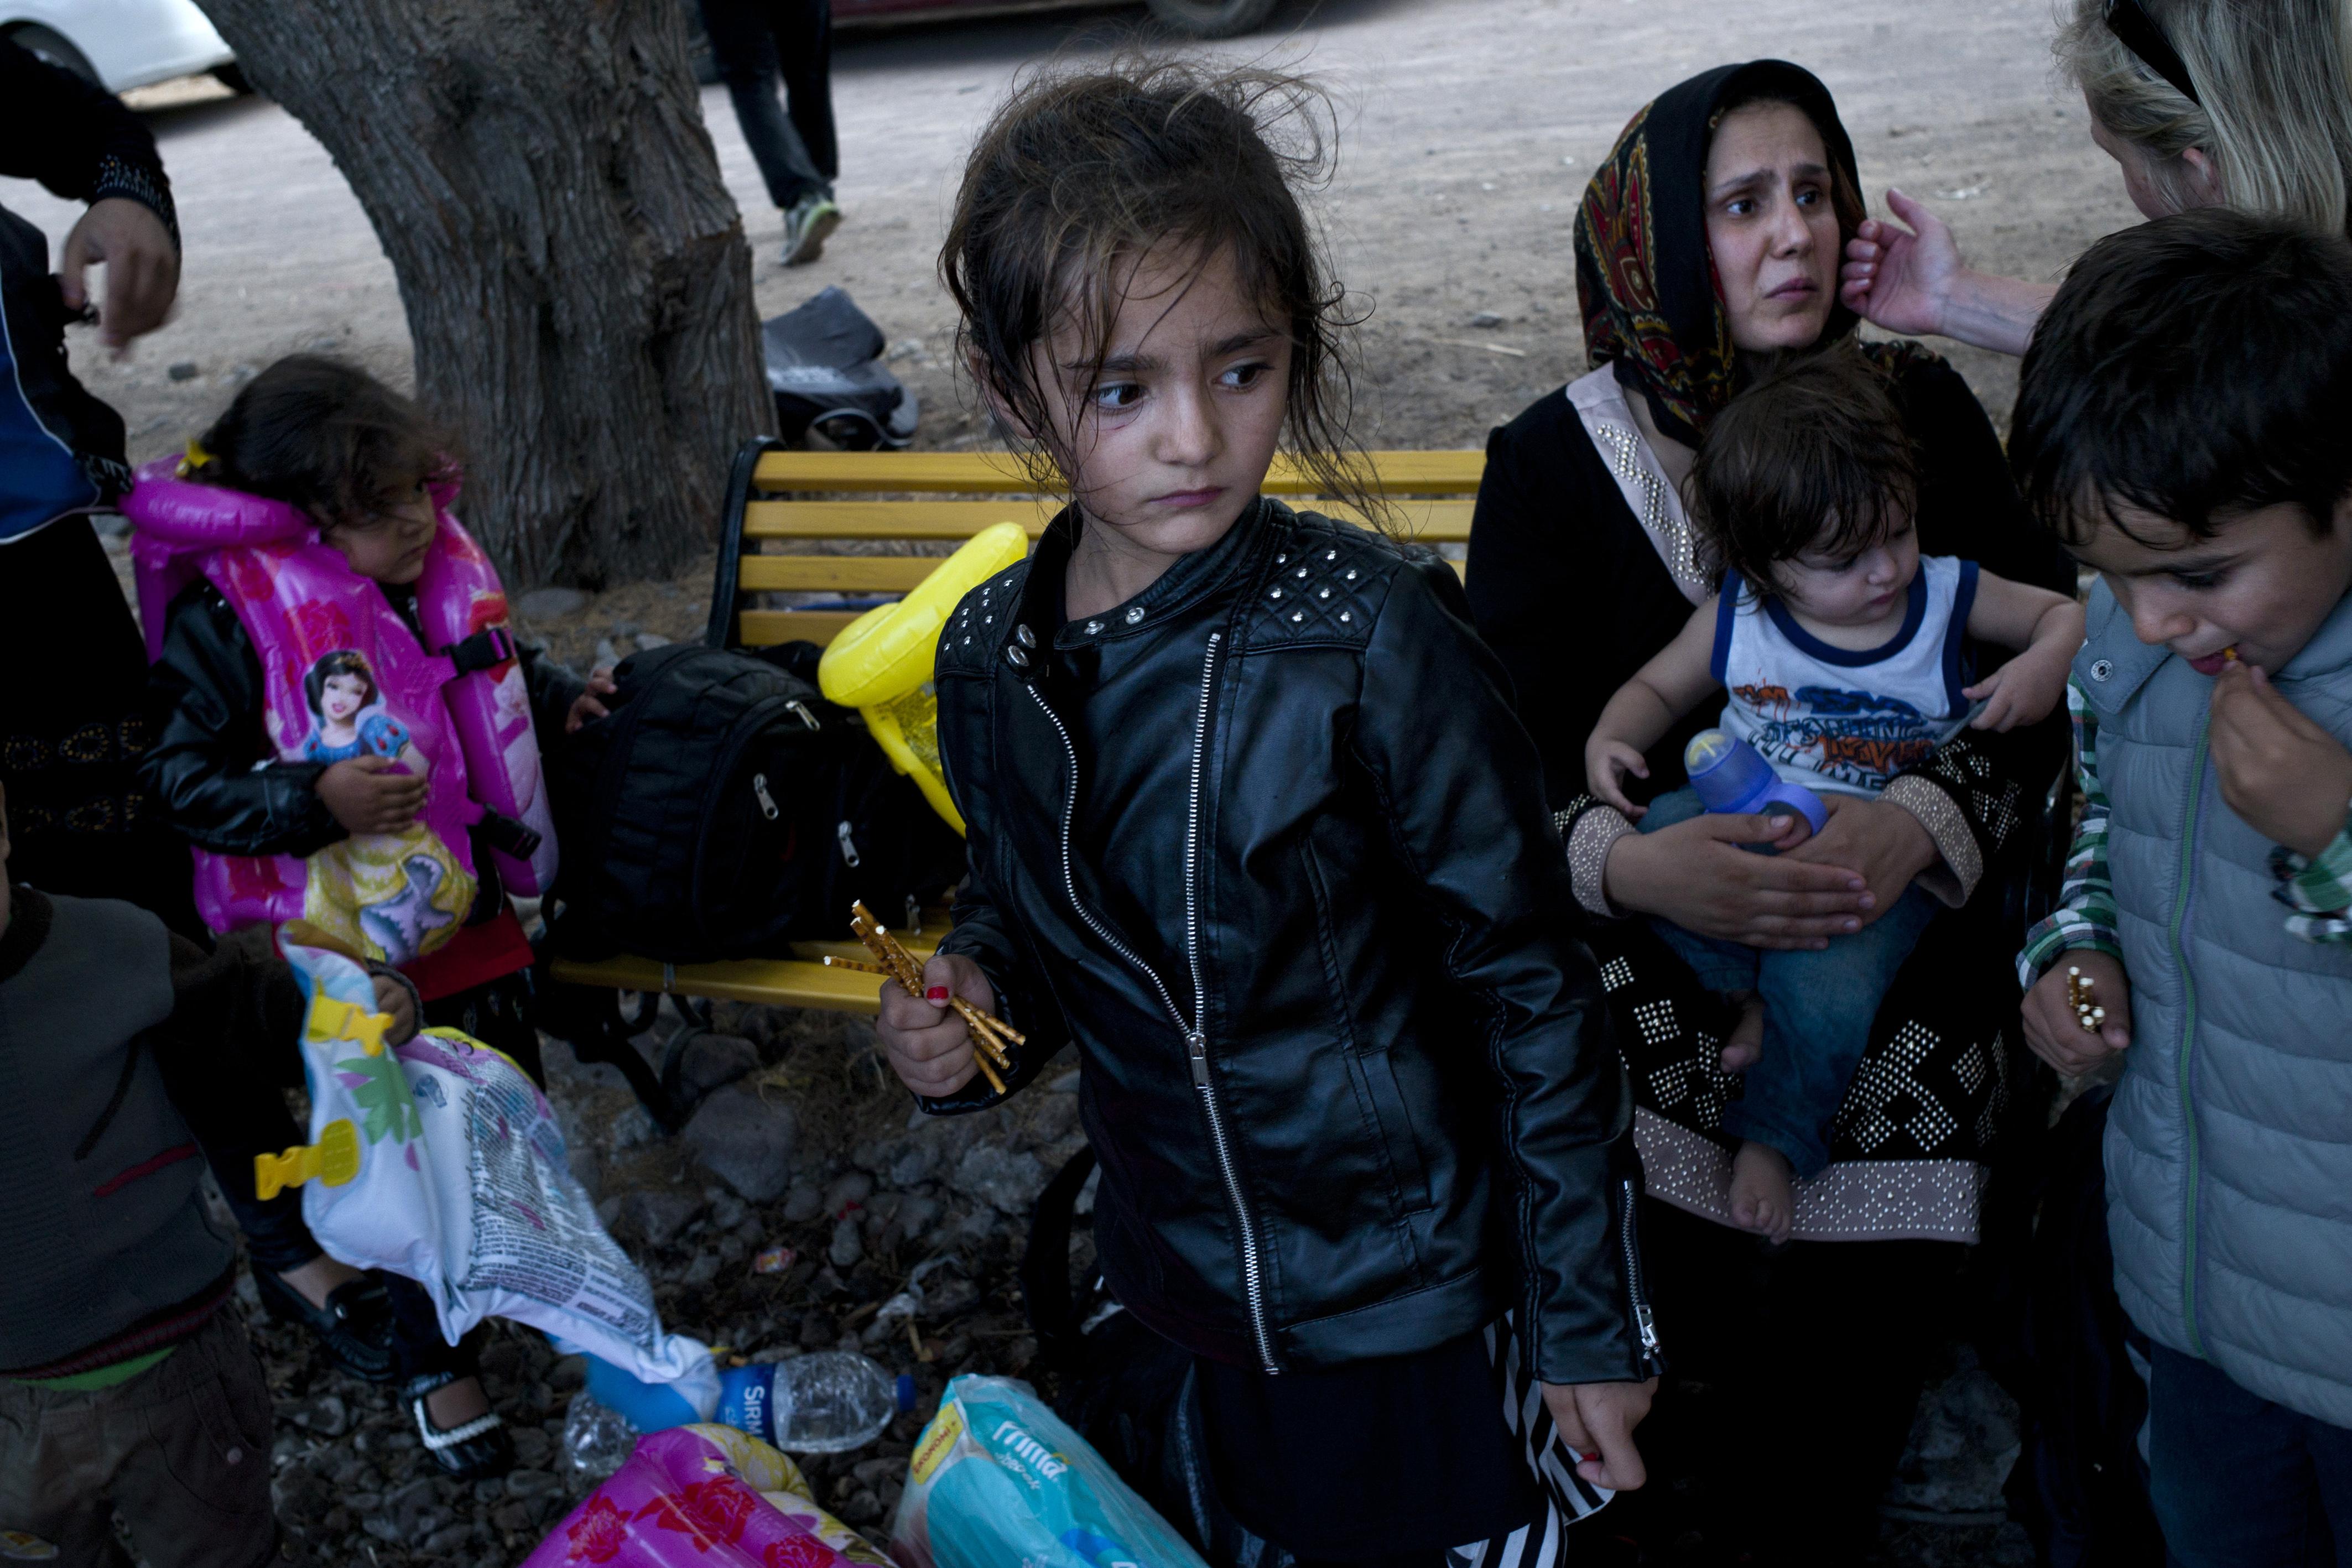 مهاجرون ينتظرون على الشاطئ بعد وصولهم إلى جزيرة ليسبوس اليونانية بعد عبور بحر إيجة من تركيا